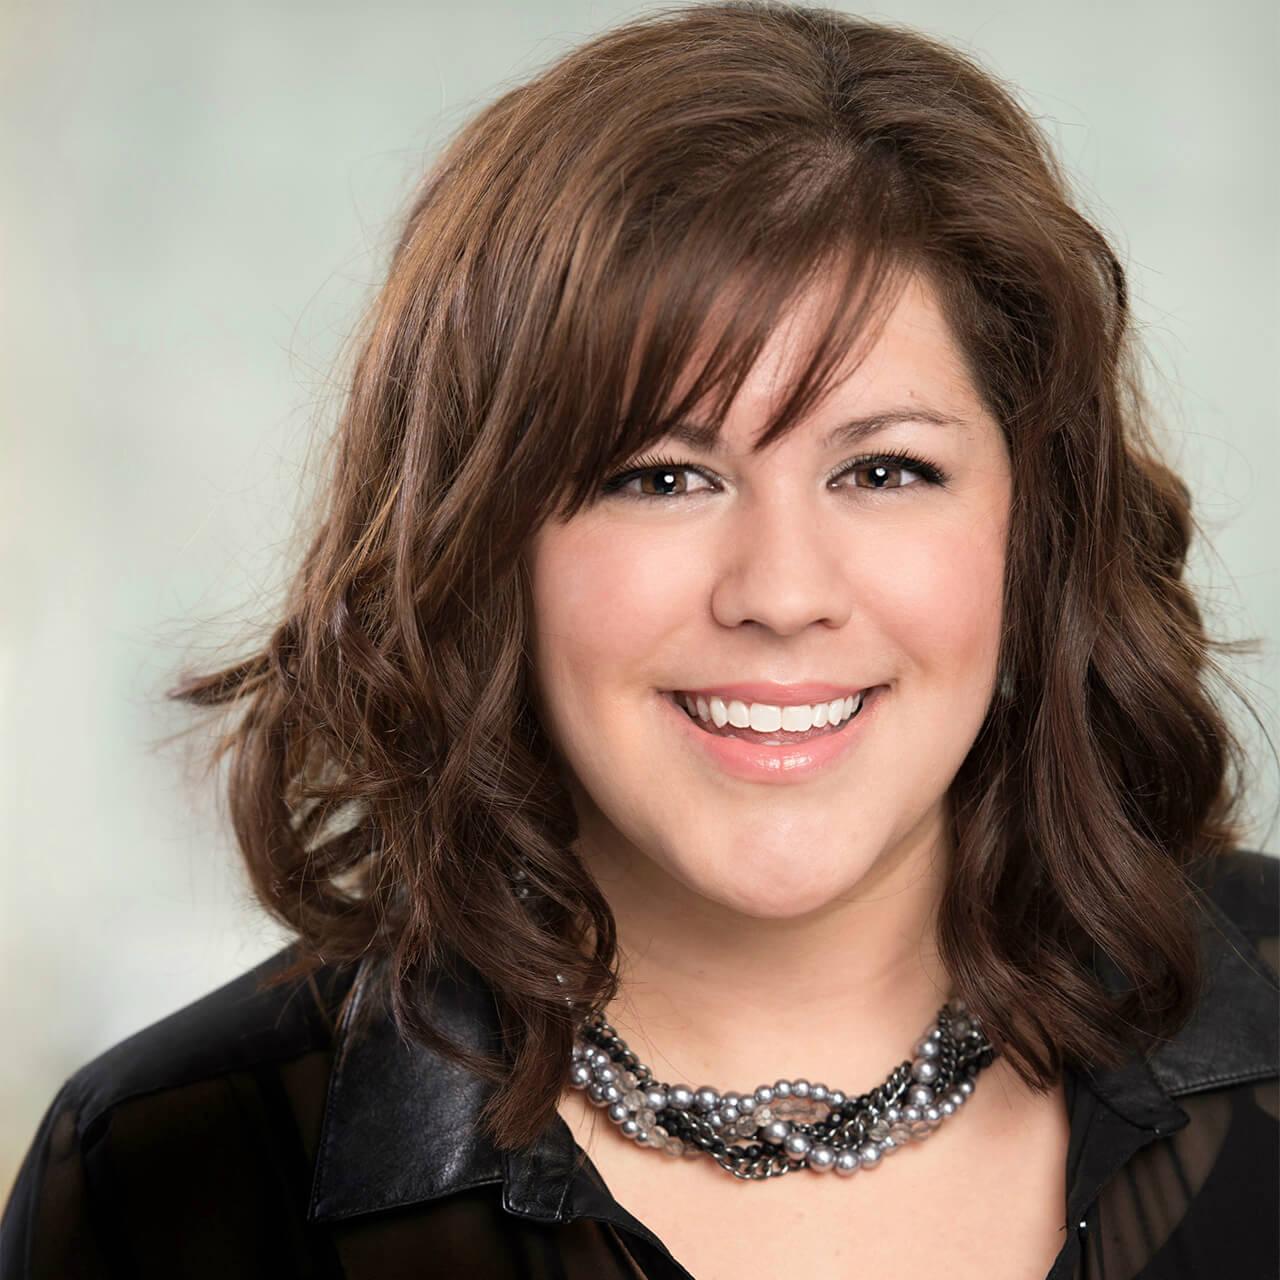 Erin Lazzara